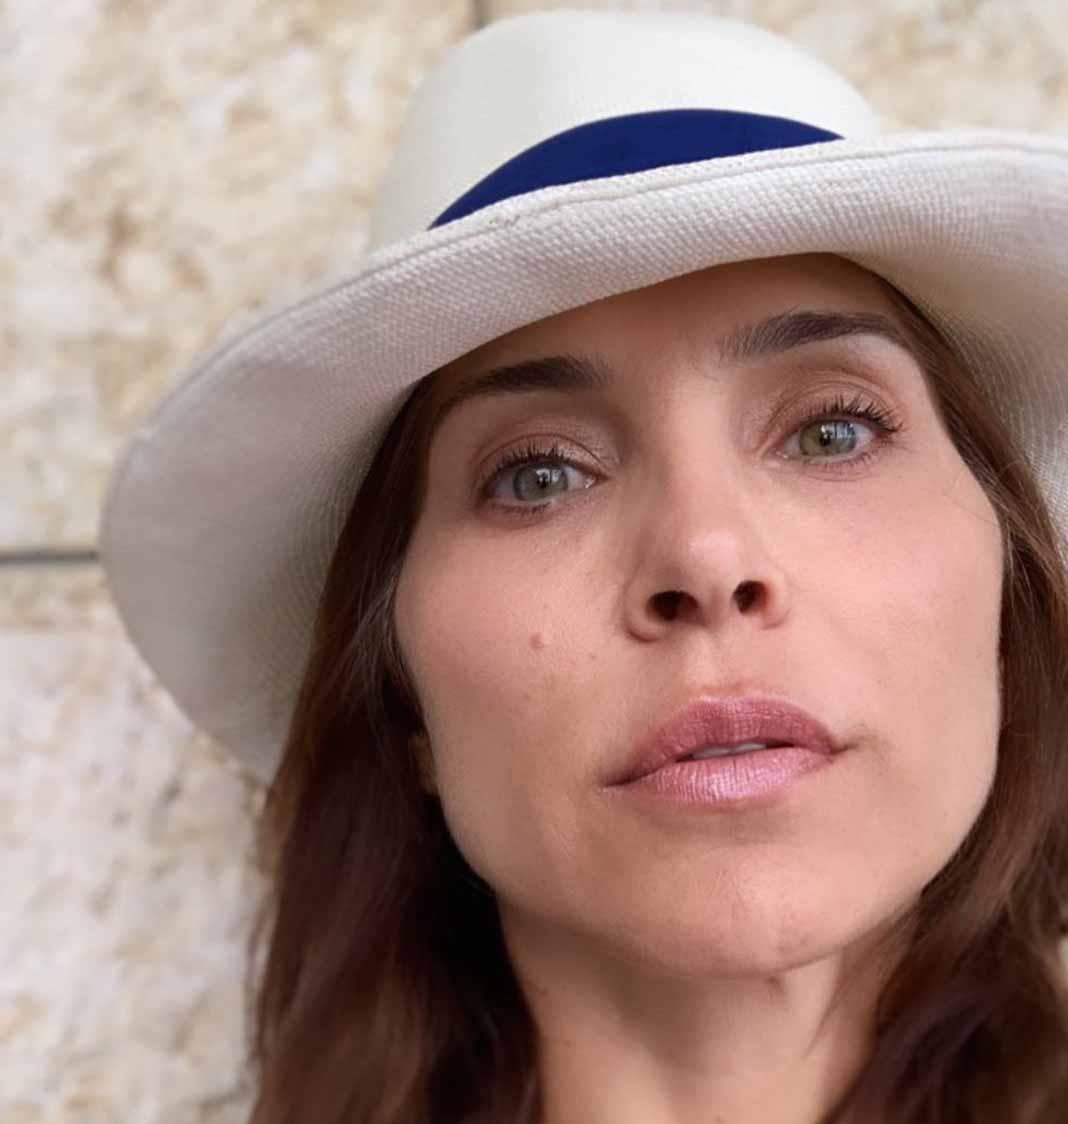 Lorena Meritano no quiso confirmar que fue novia de Yolanda, pero dijo que Verónica sí lo fue